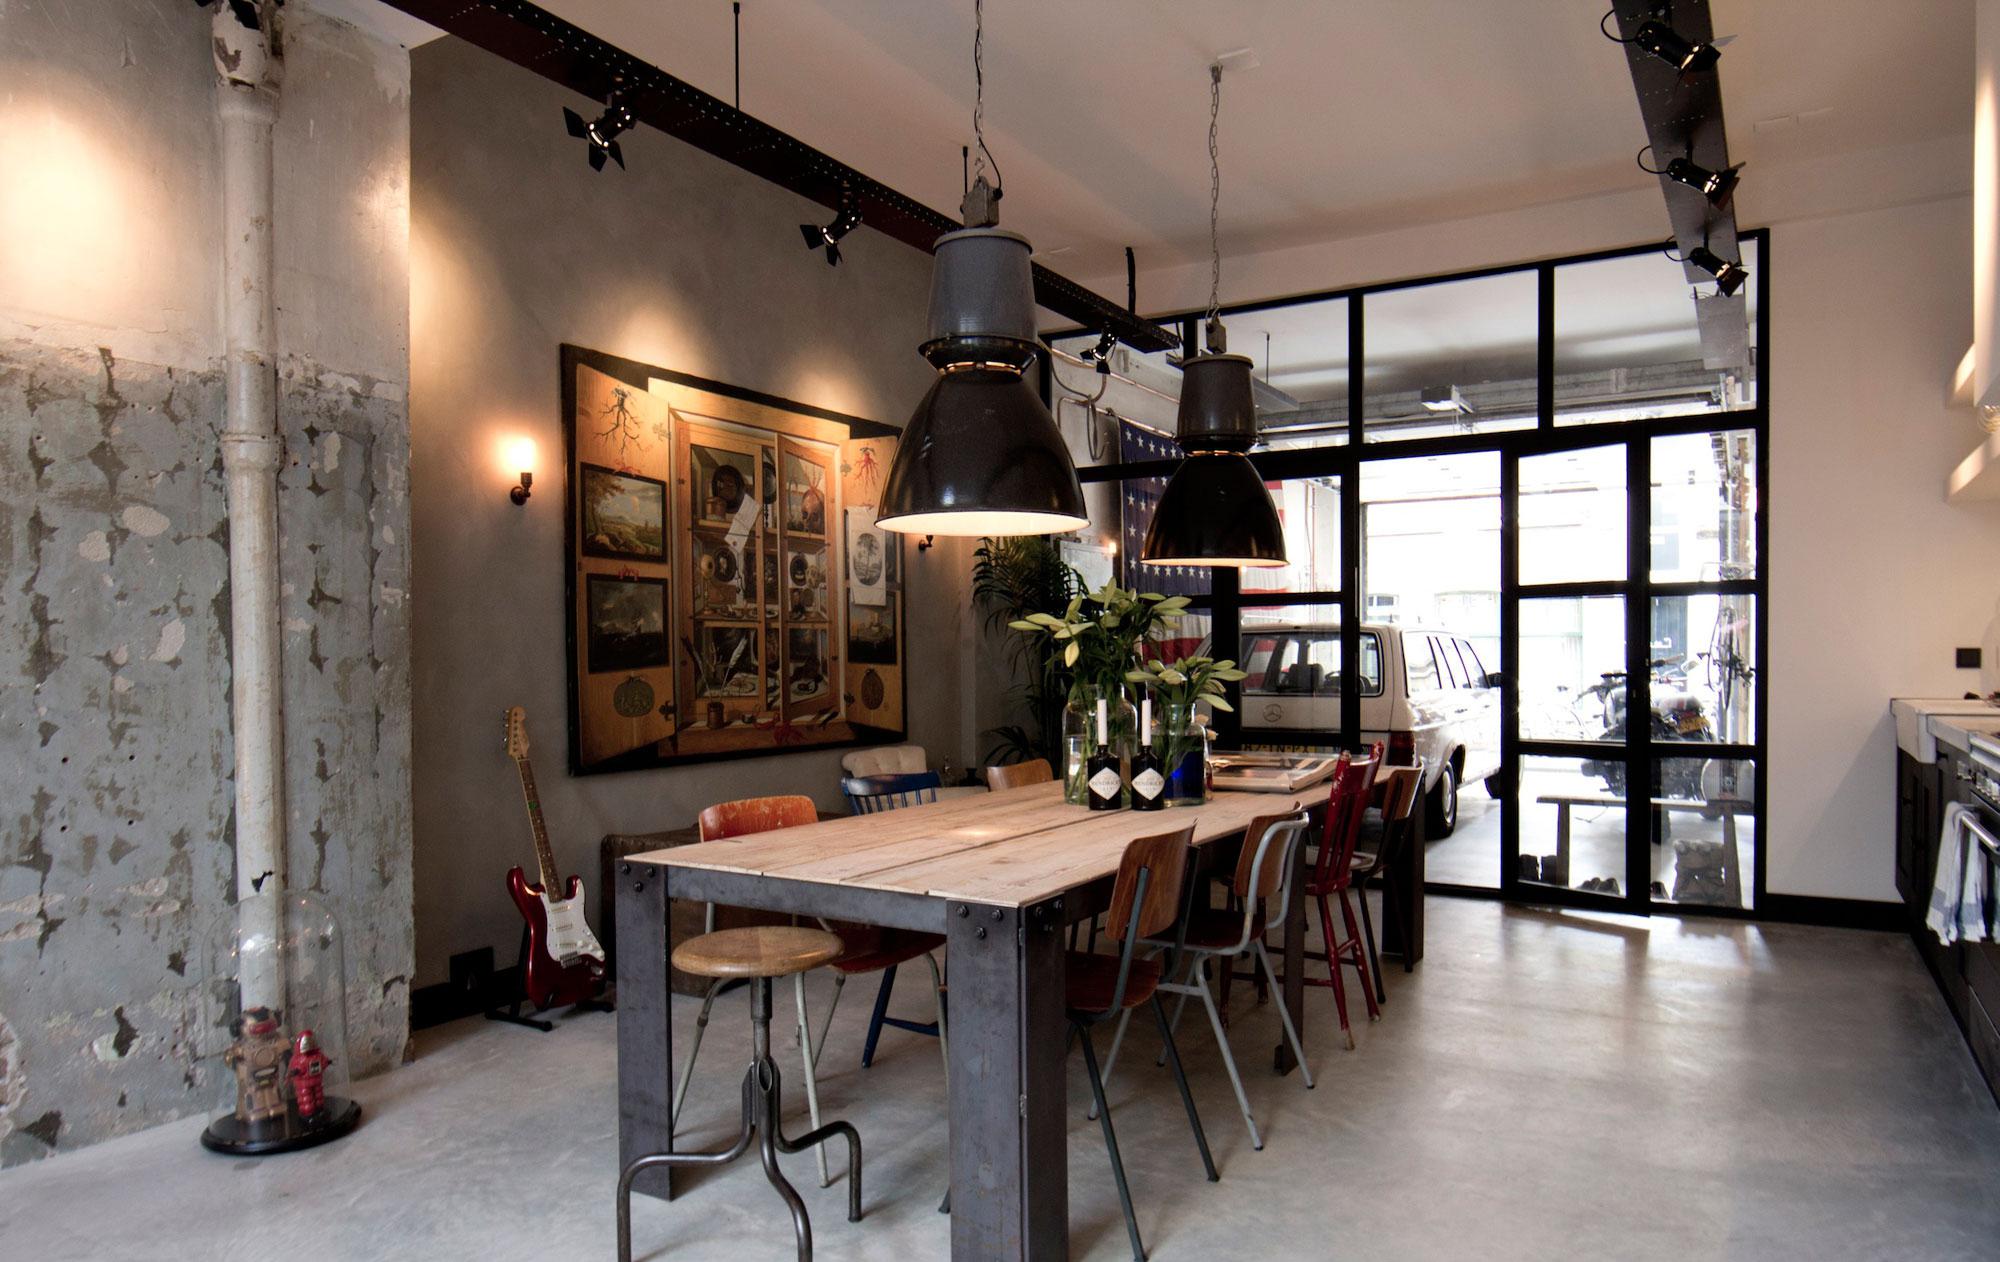 Дизайн Кухни в Стиле Лофт, Современное и Классическое Оформление Интерьера Кухонь, Выбираем Мебель, Шторы и Отделку Столовой